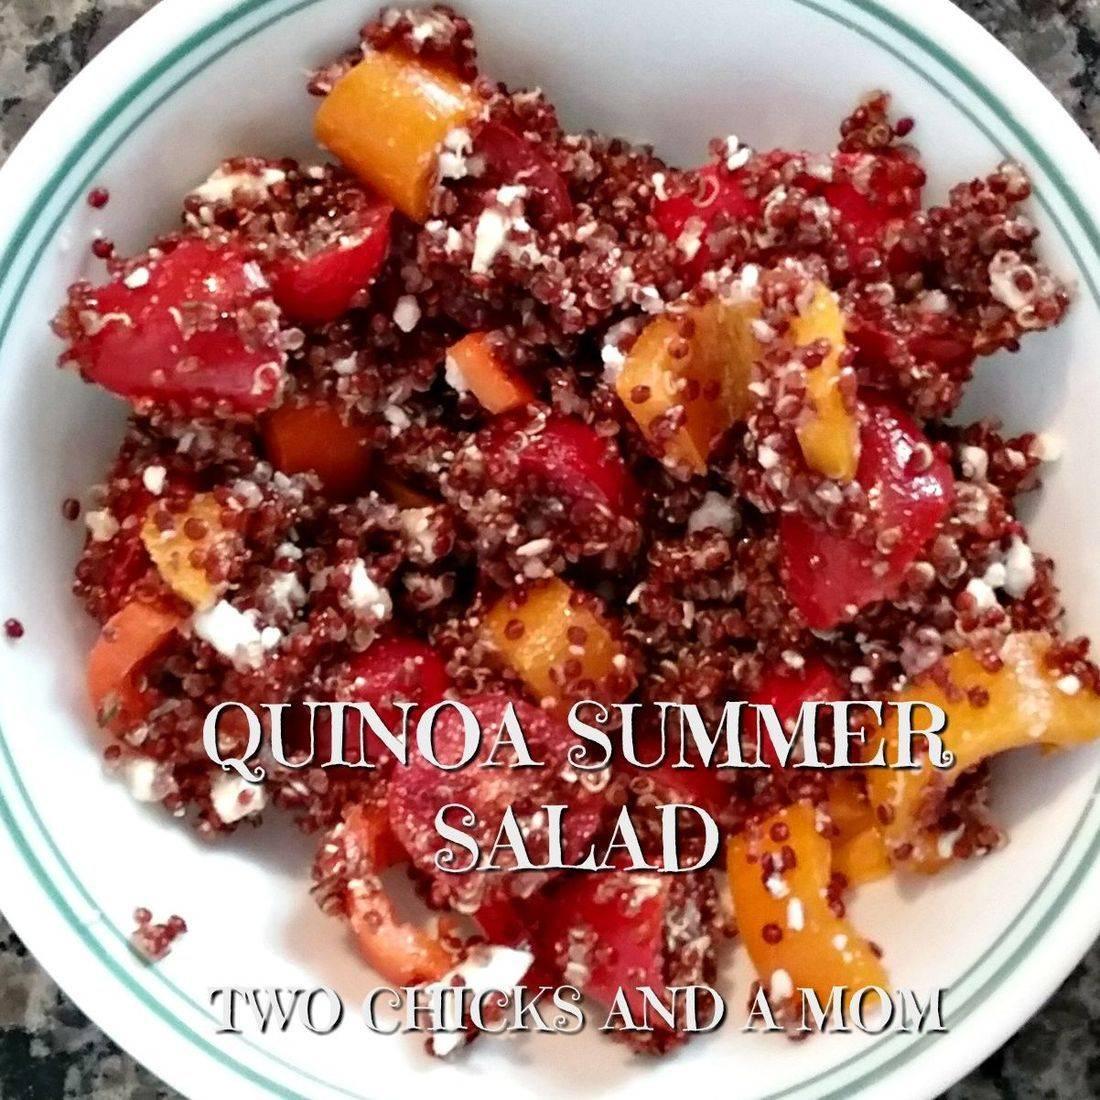 healthy eating, quinoa, vegetables, salad